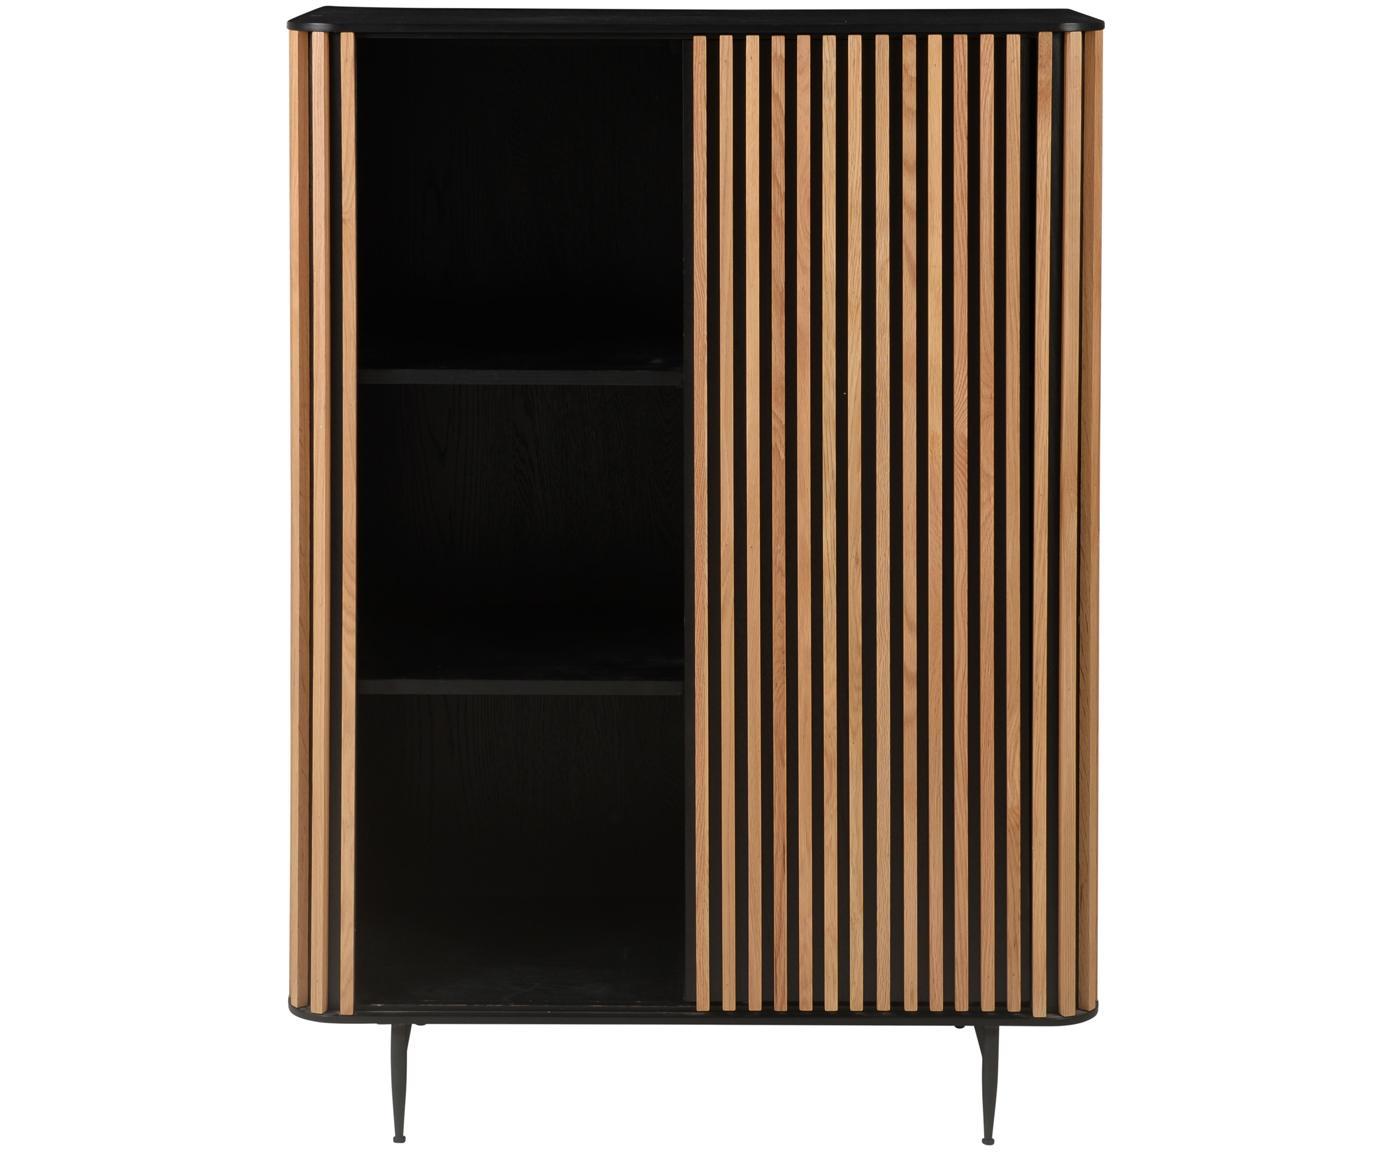 Design dressoir Linea met eikenhoutfineer, Frame: gelakt MDF met eikenhoutf, Poten: gelakt metaal, Zwart, eikenhoutkleurig, 98 x 135 cm